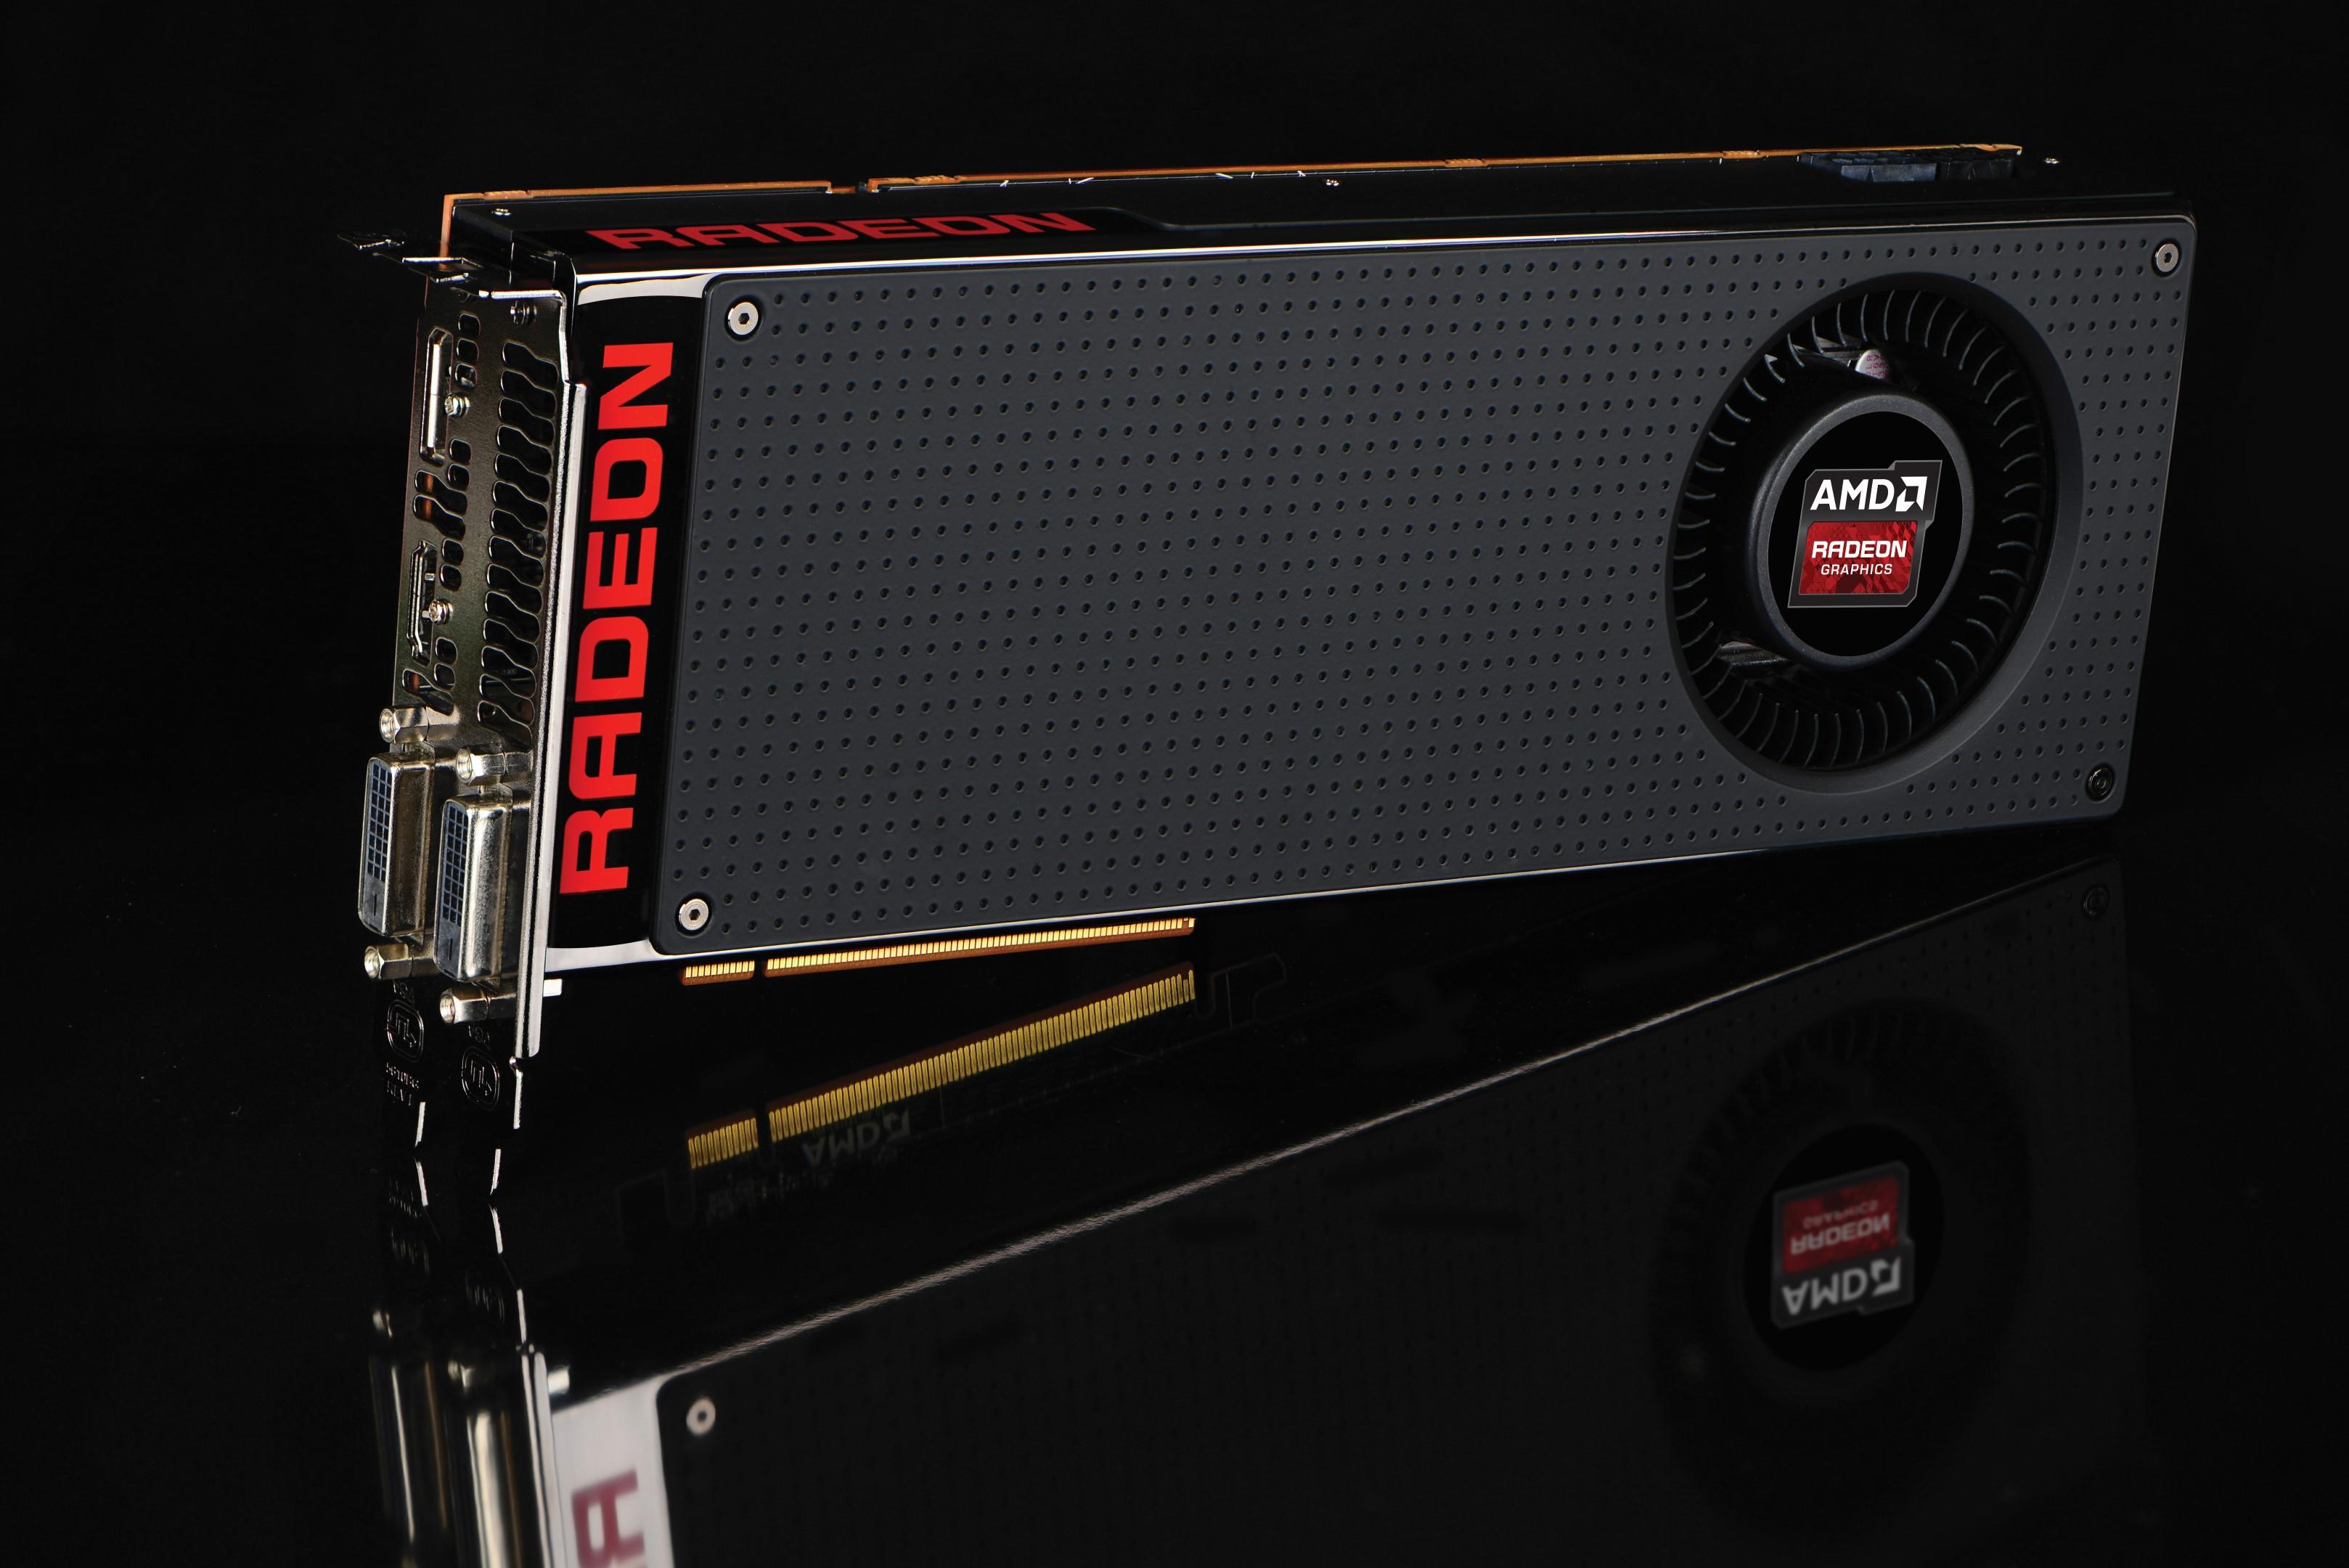 Amd radeon r9 380 4gb driver | Radeon™ R9 380 DD XXX OC 990MHZ 4GB